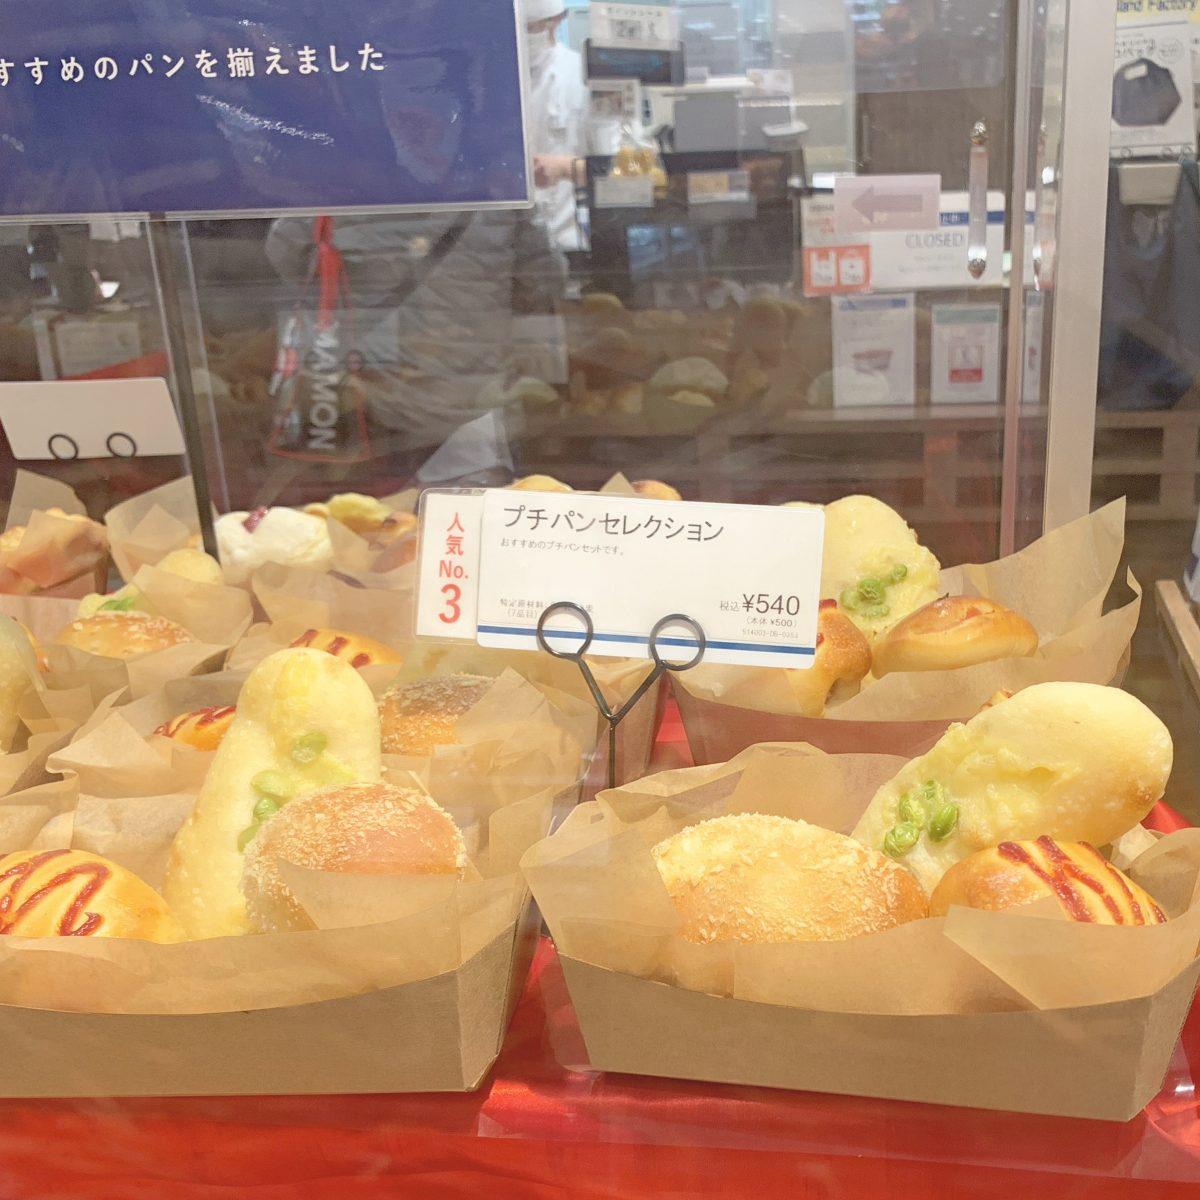 あべのハルカス近鉄本店のパンの人気ランキングプチパンセレクション